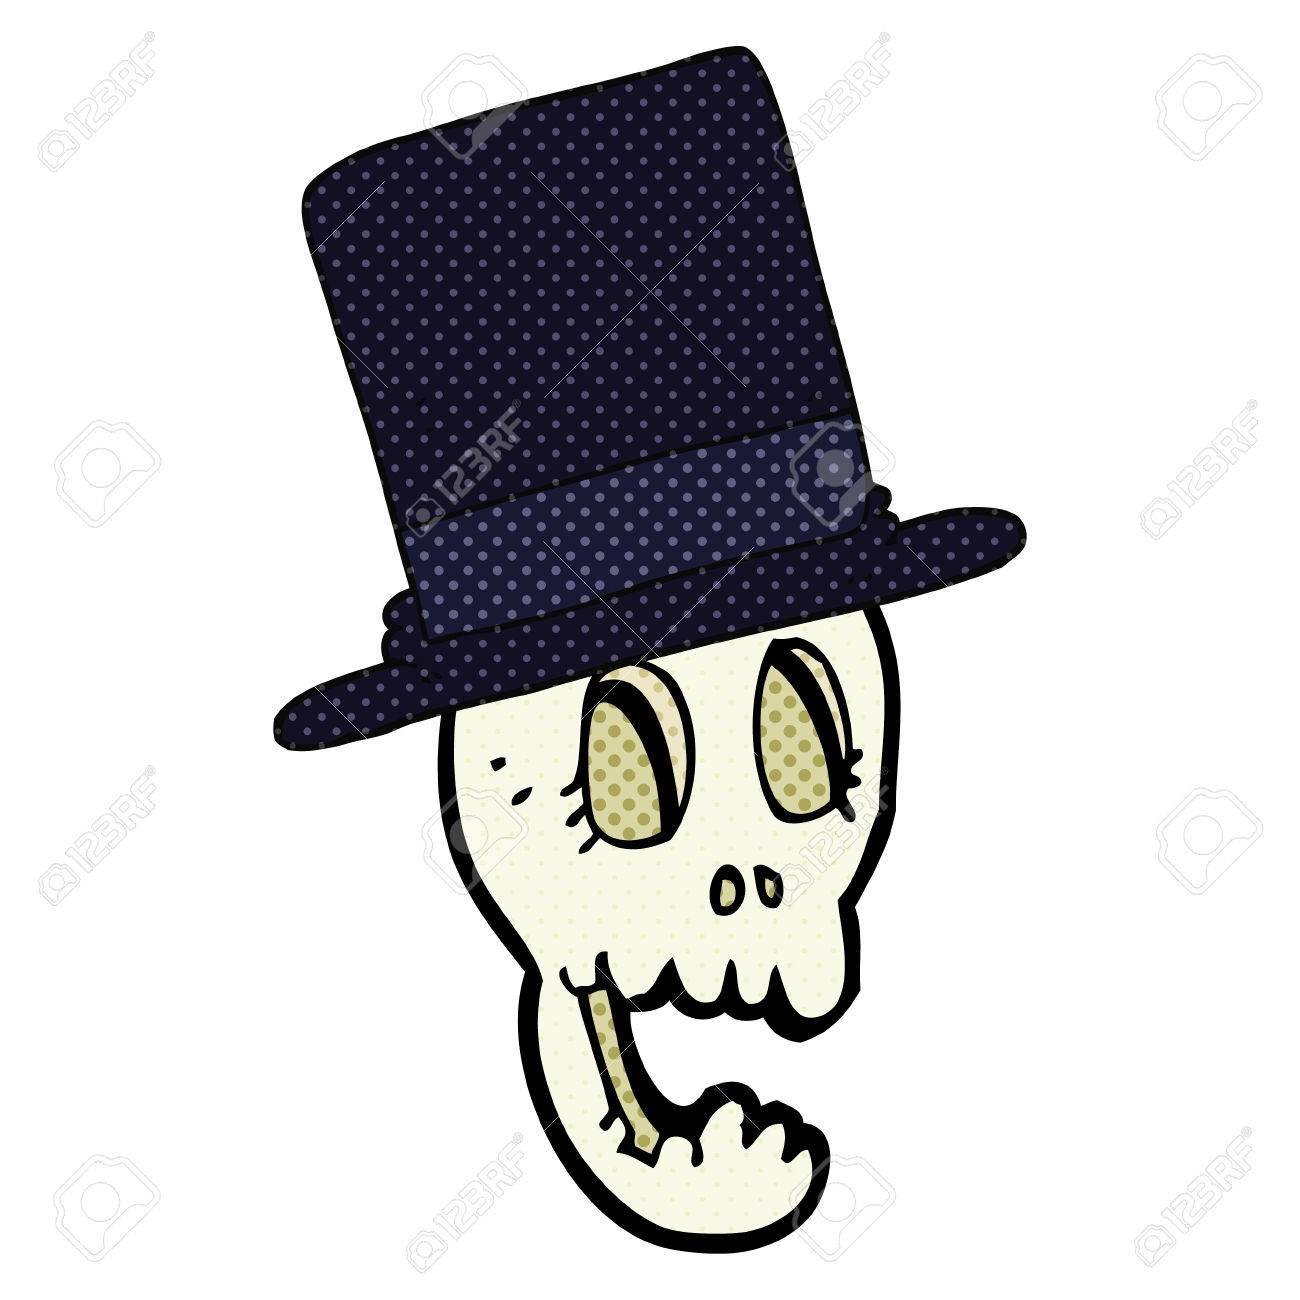 Archivio Fotografico - Cappello a cilindro del fumetto disegnato a mano  libera 762b0d4be389